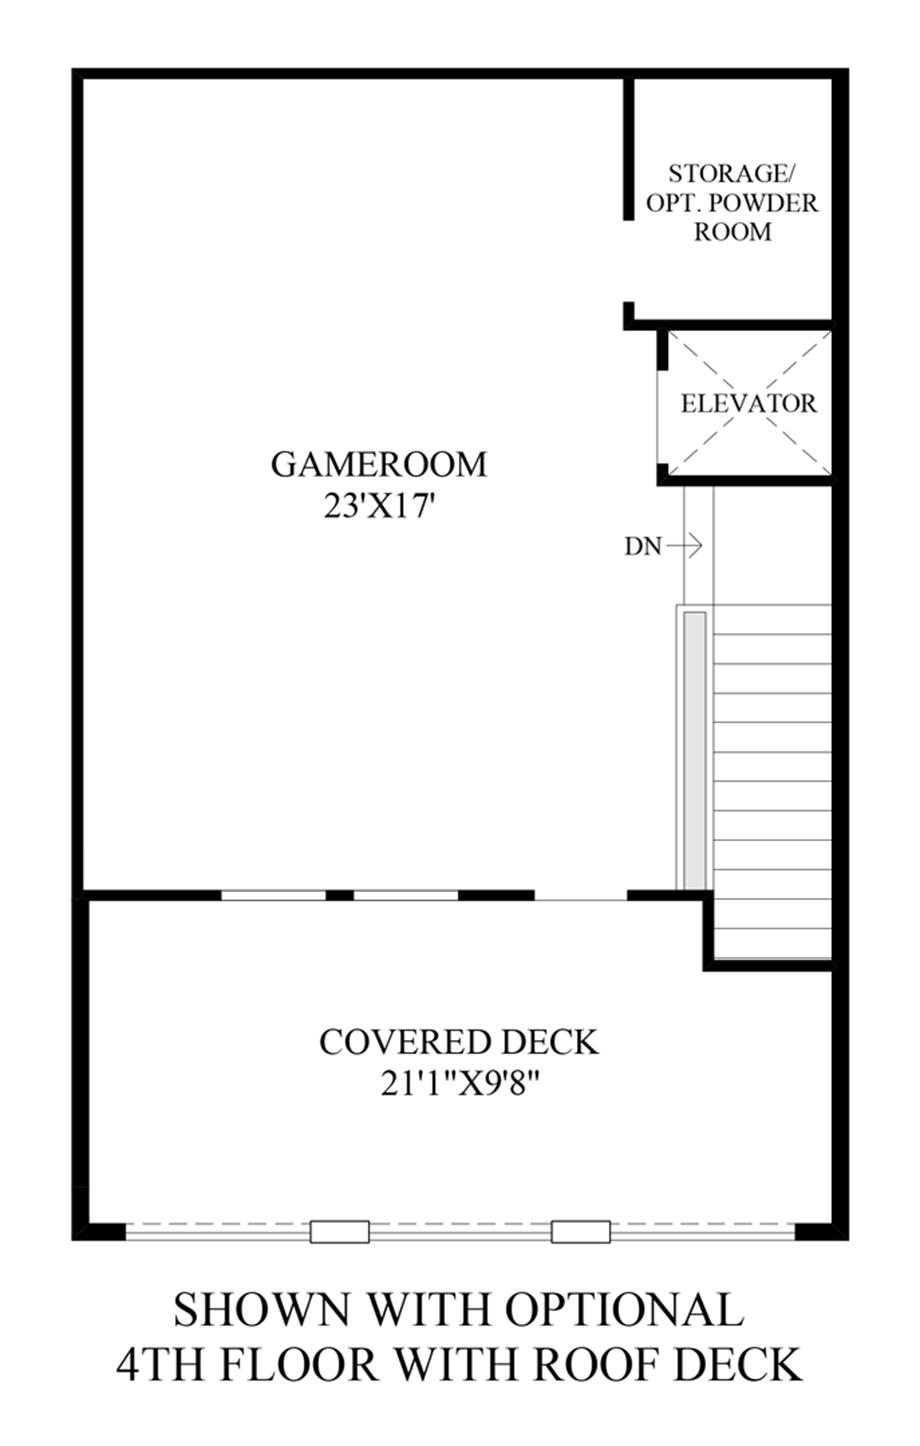 Optional 4th Floor w/ Roof Deck Floor Plan